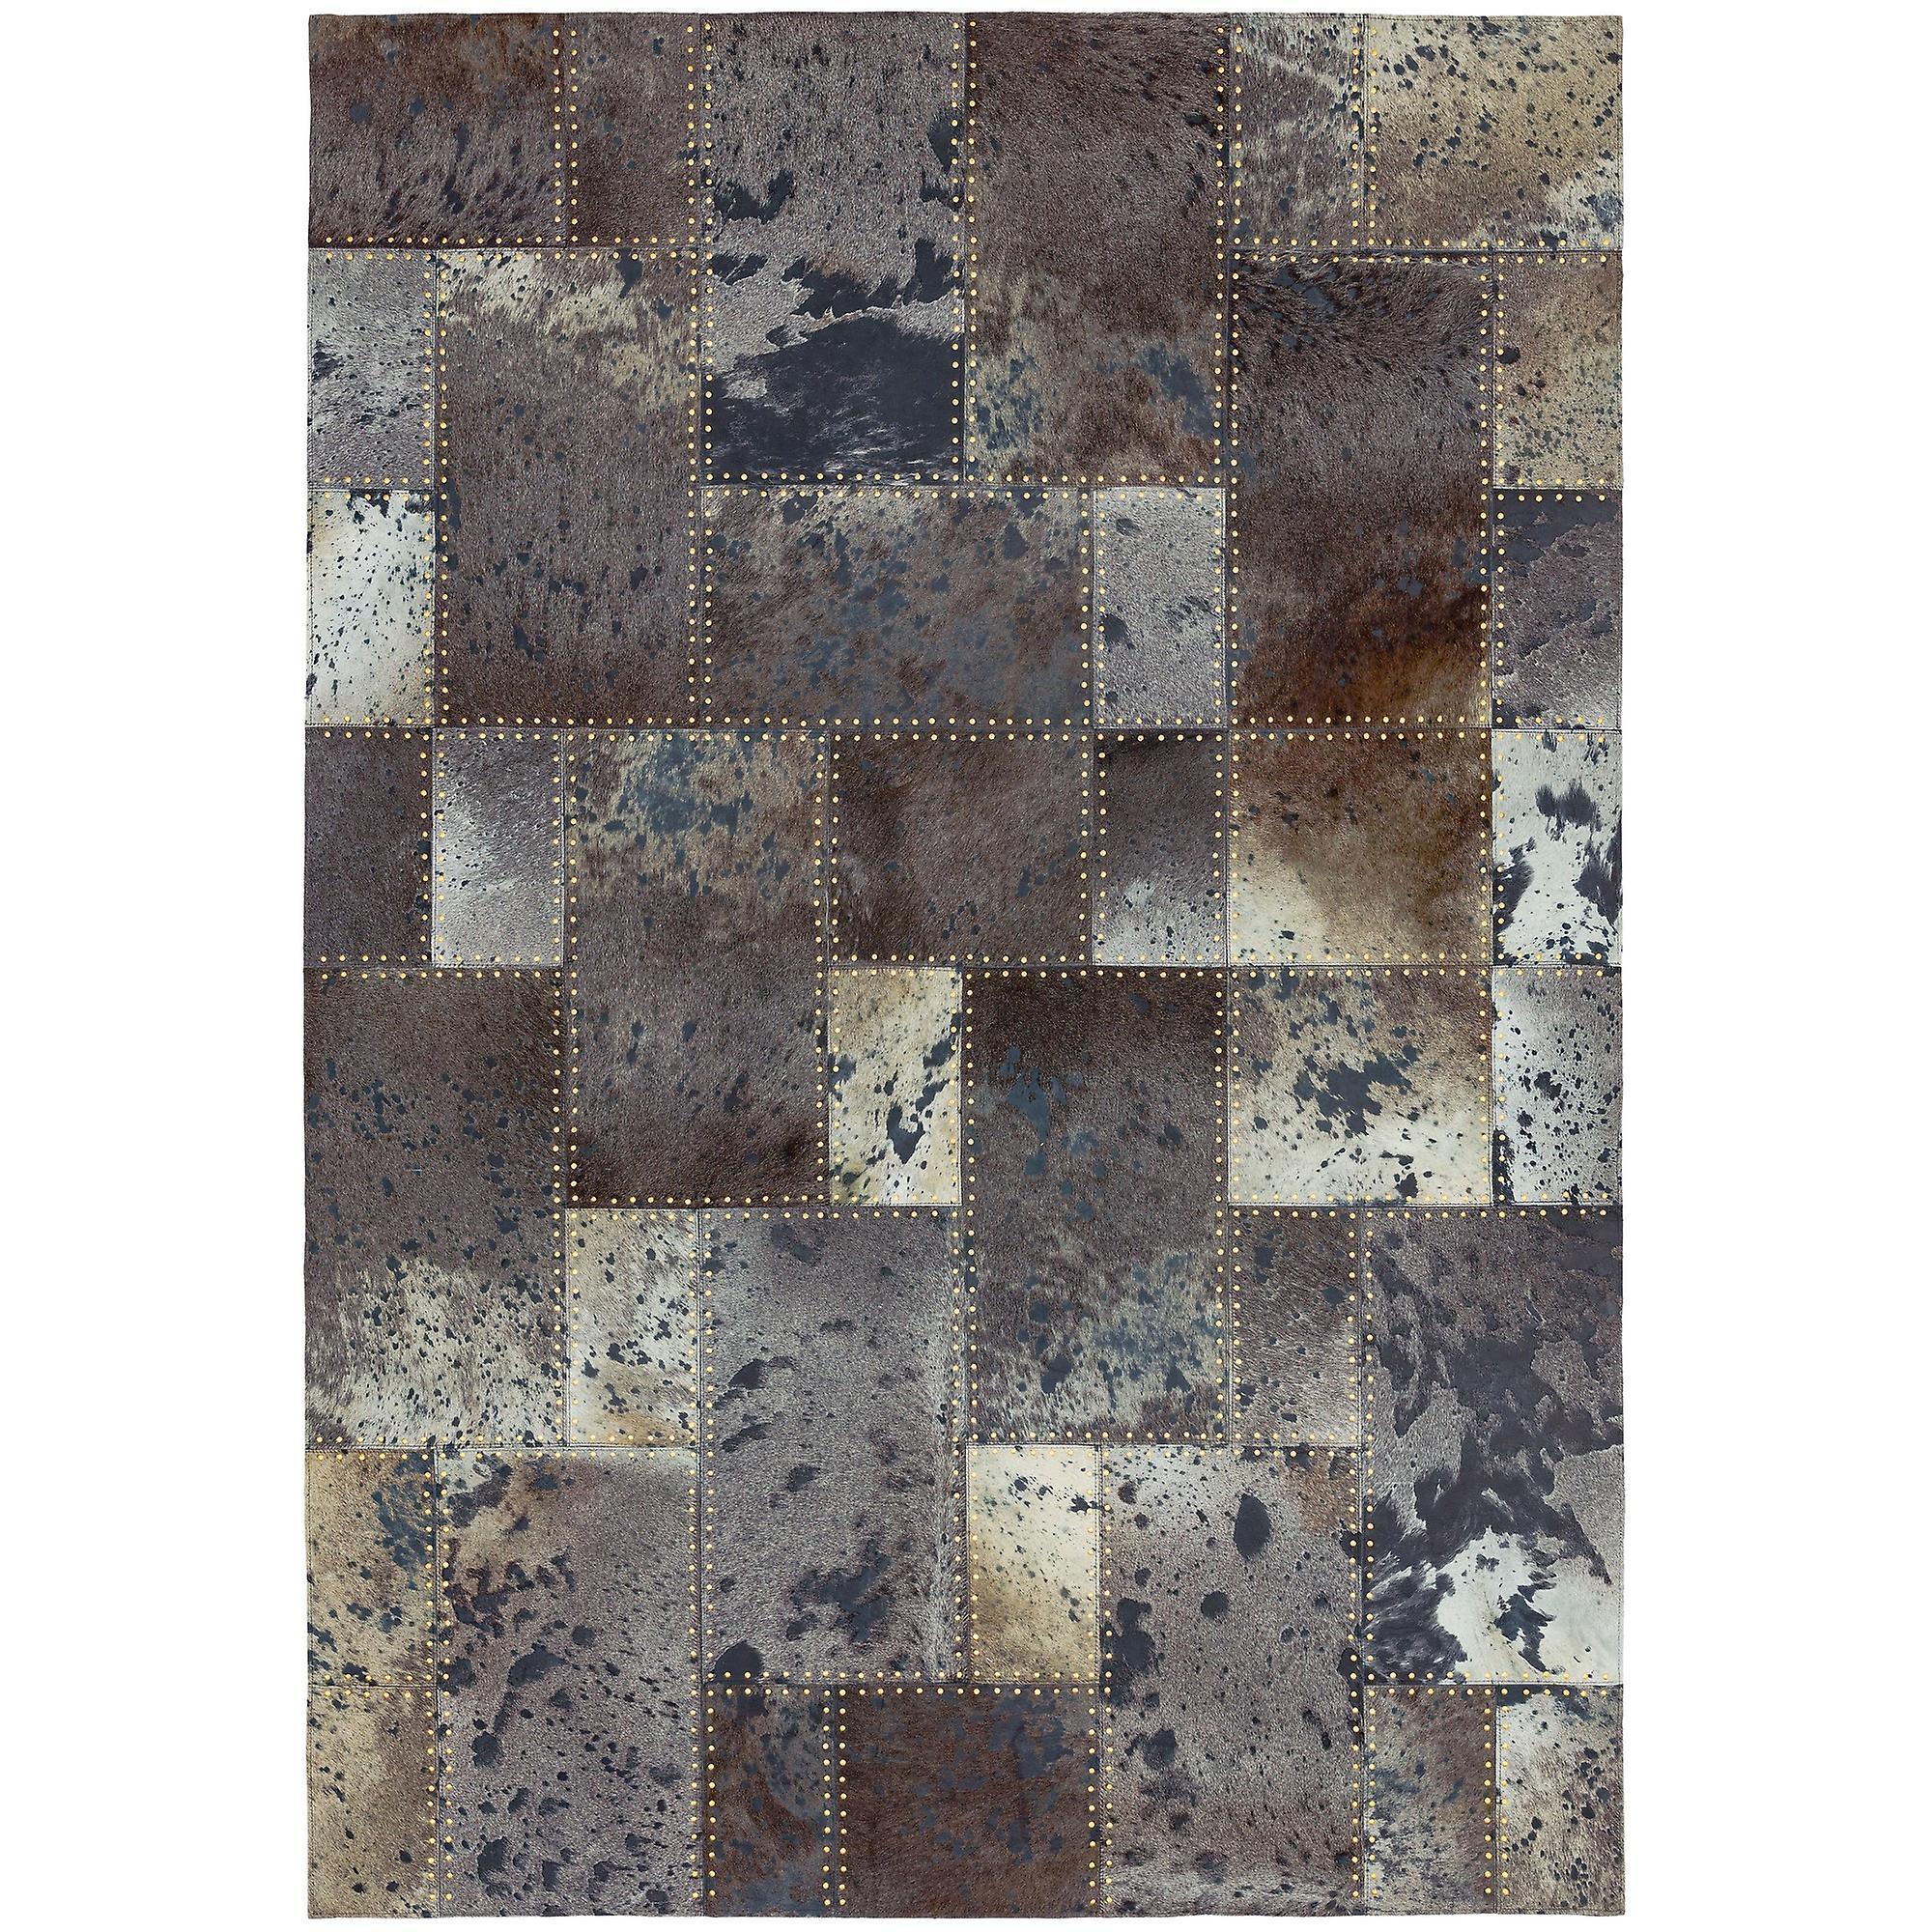 Xylo main cousu tapis peau de vache dans les Studs noirs gris